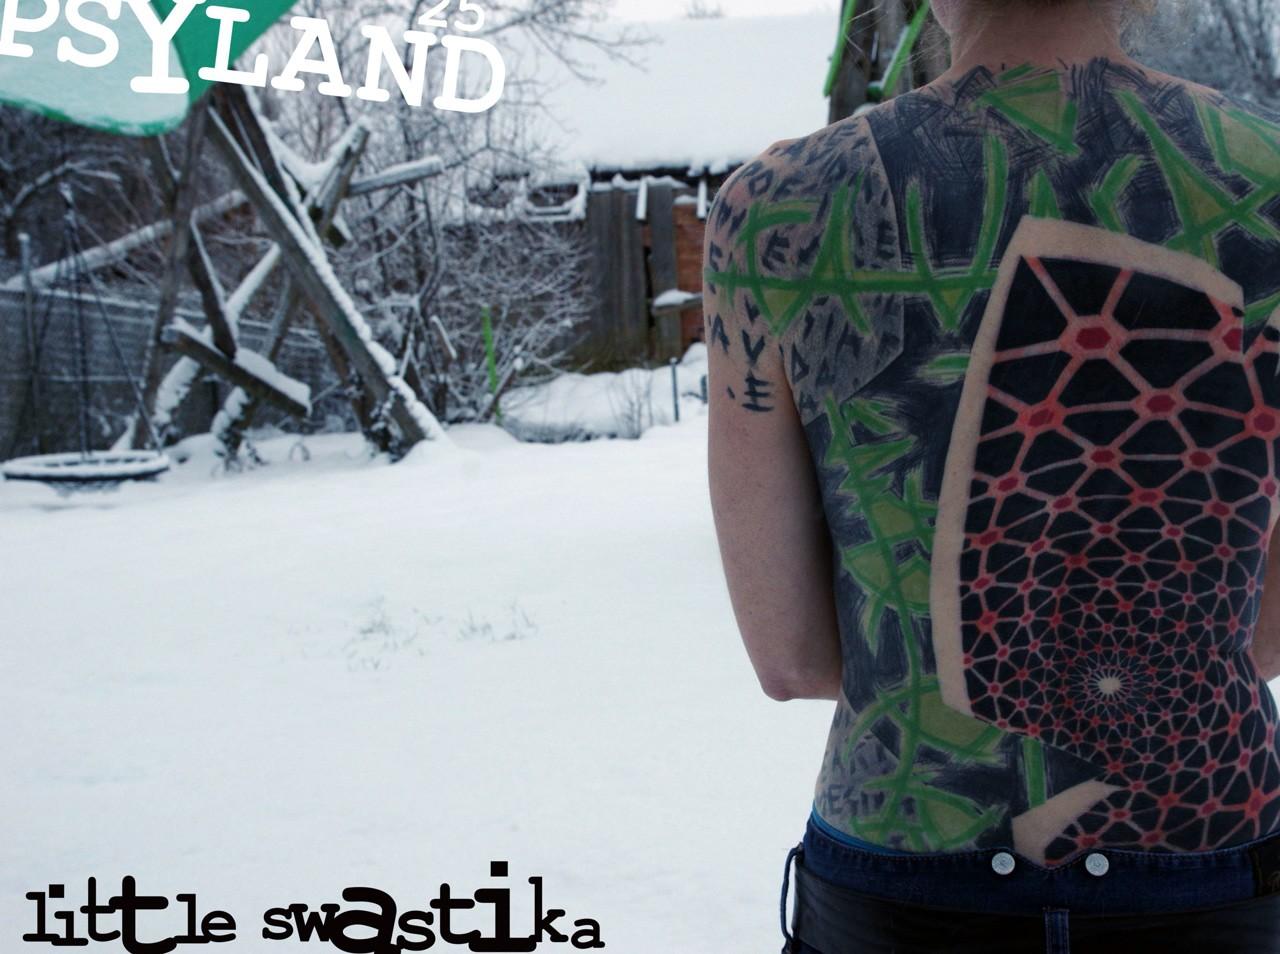 Little Swastika, Lily Lu, масштабные татуировки, большие татуировки, концептуальная татуировка